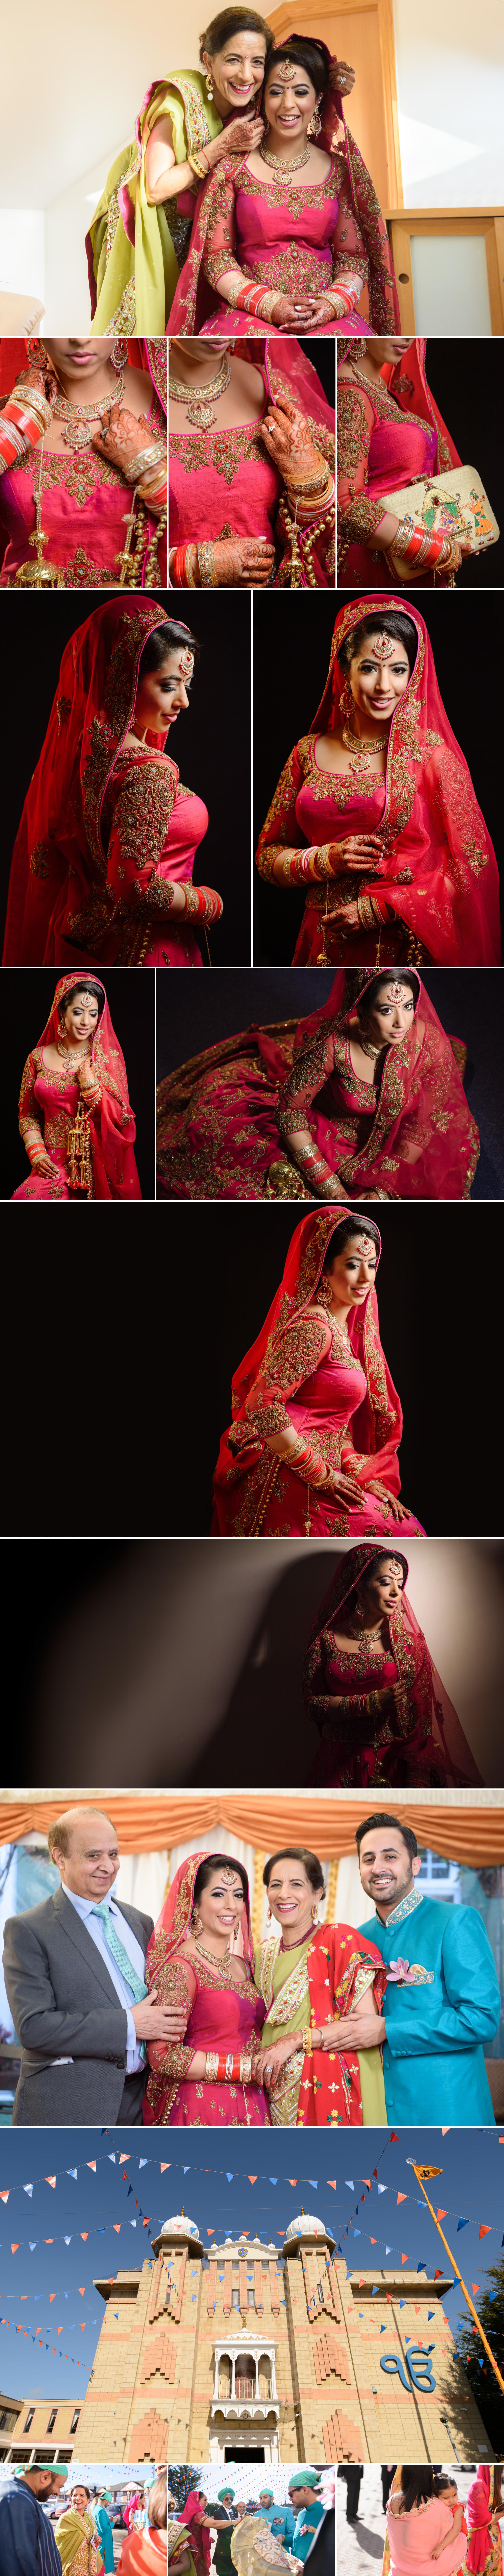 satnam photography sikh wedding ceremony alice way gurdwara london hounslow wedding photography-2